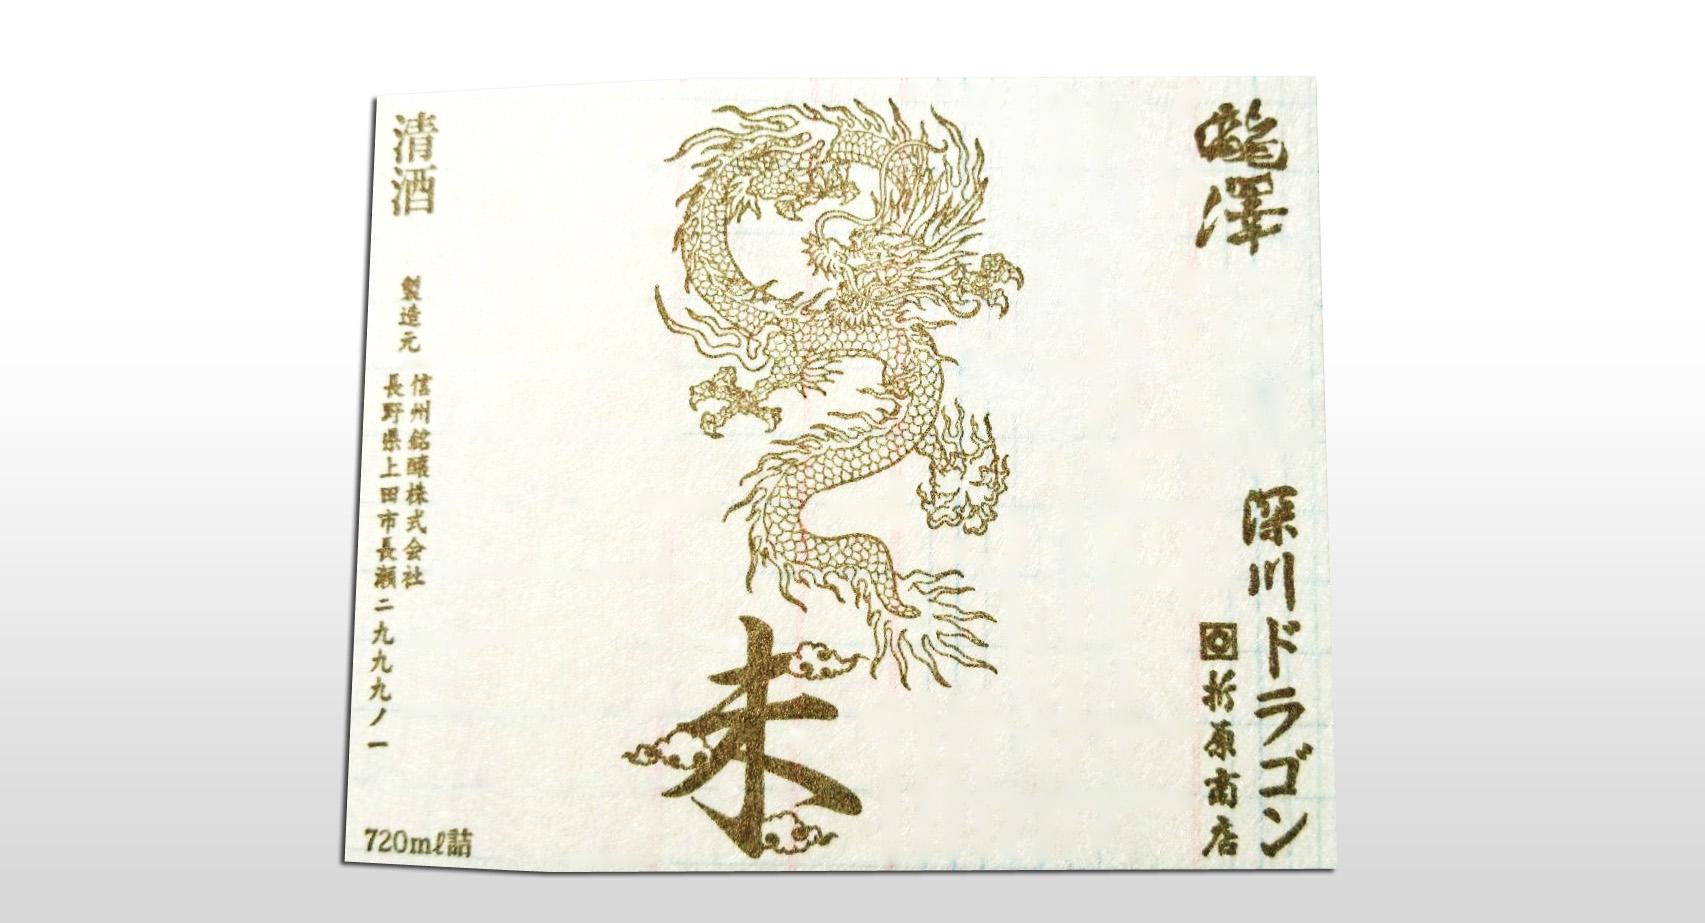 日本酒ラベル1